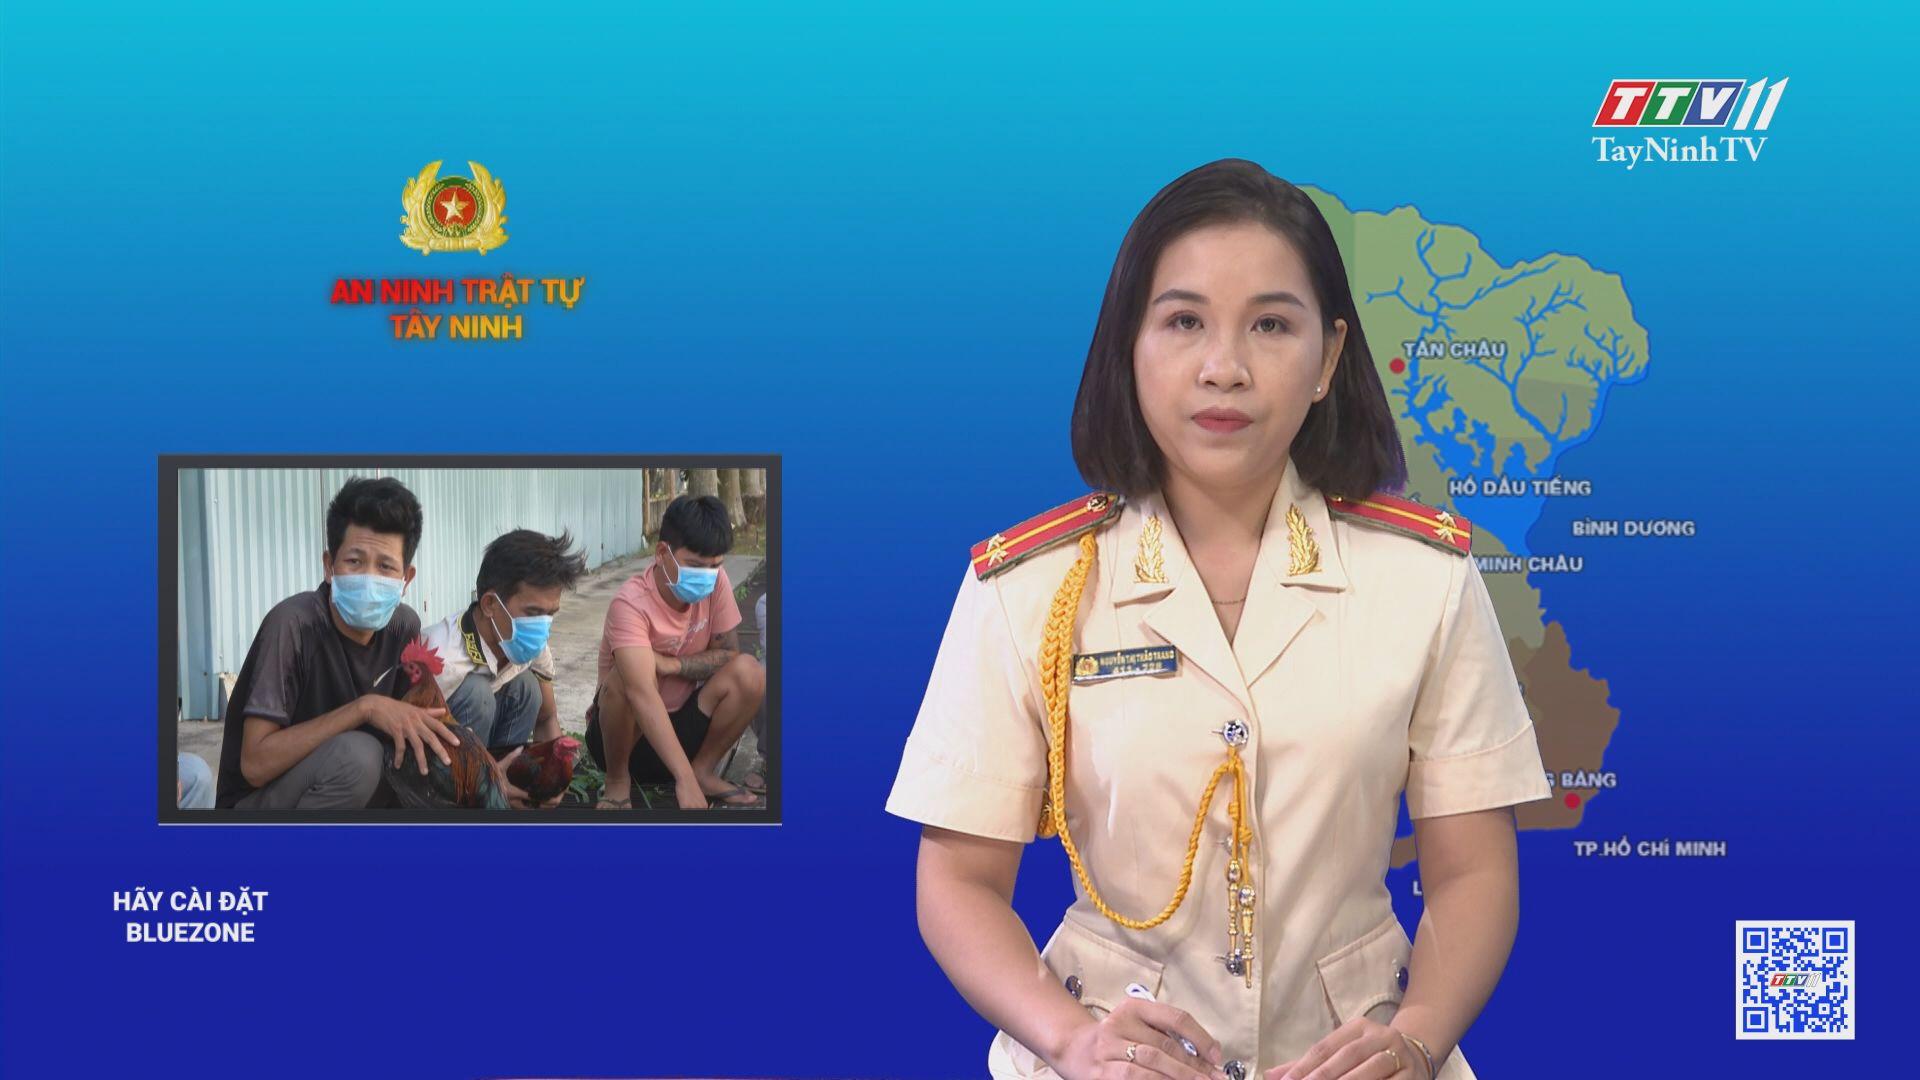 Công an huyện Tân Châu: triệt xóa tụ điểm đánh bạc với hình thức đá gà | AN NINH TRẬT TỰ | TayNinhTV